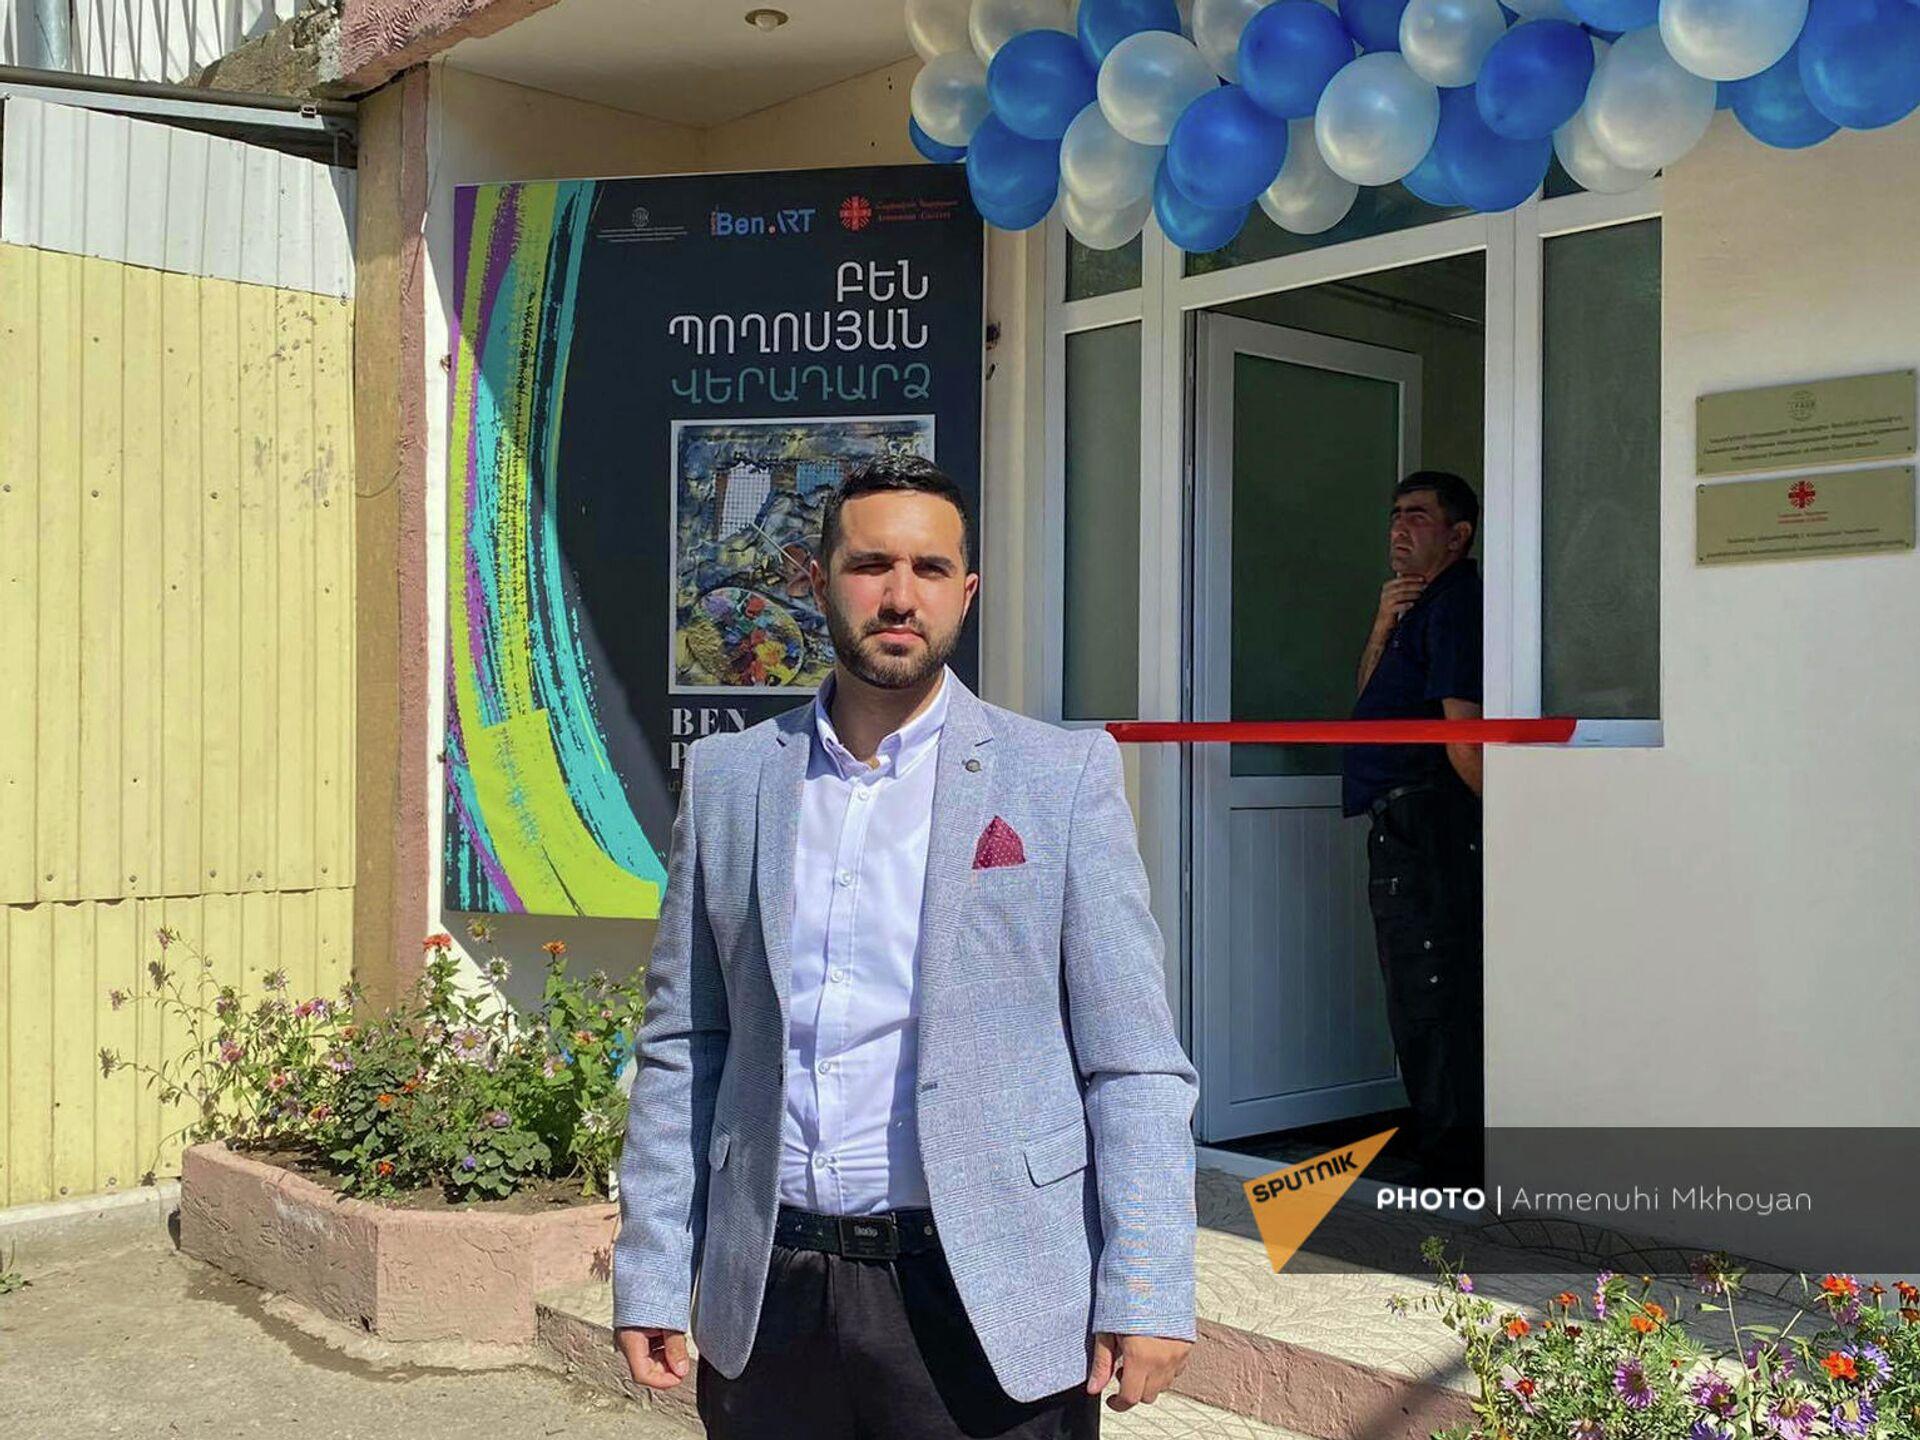 Бен Погосян перед церемонией открытия своей выставки в День города Гюмри - Sputnik Армения, 1920, 24.09.2021